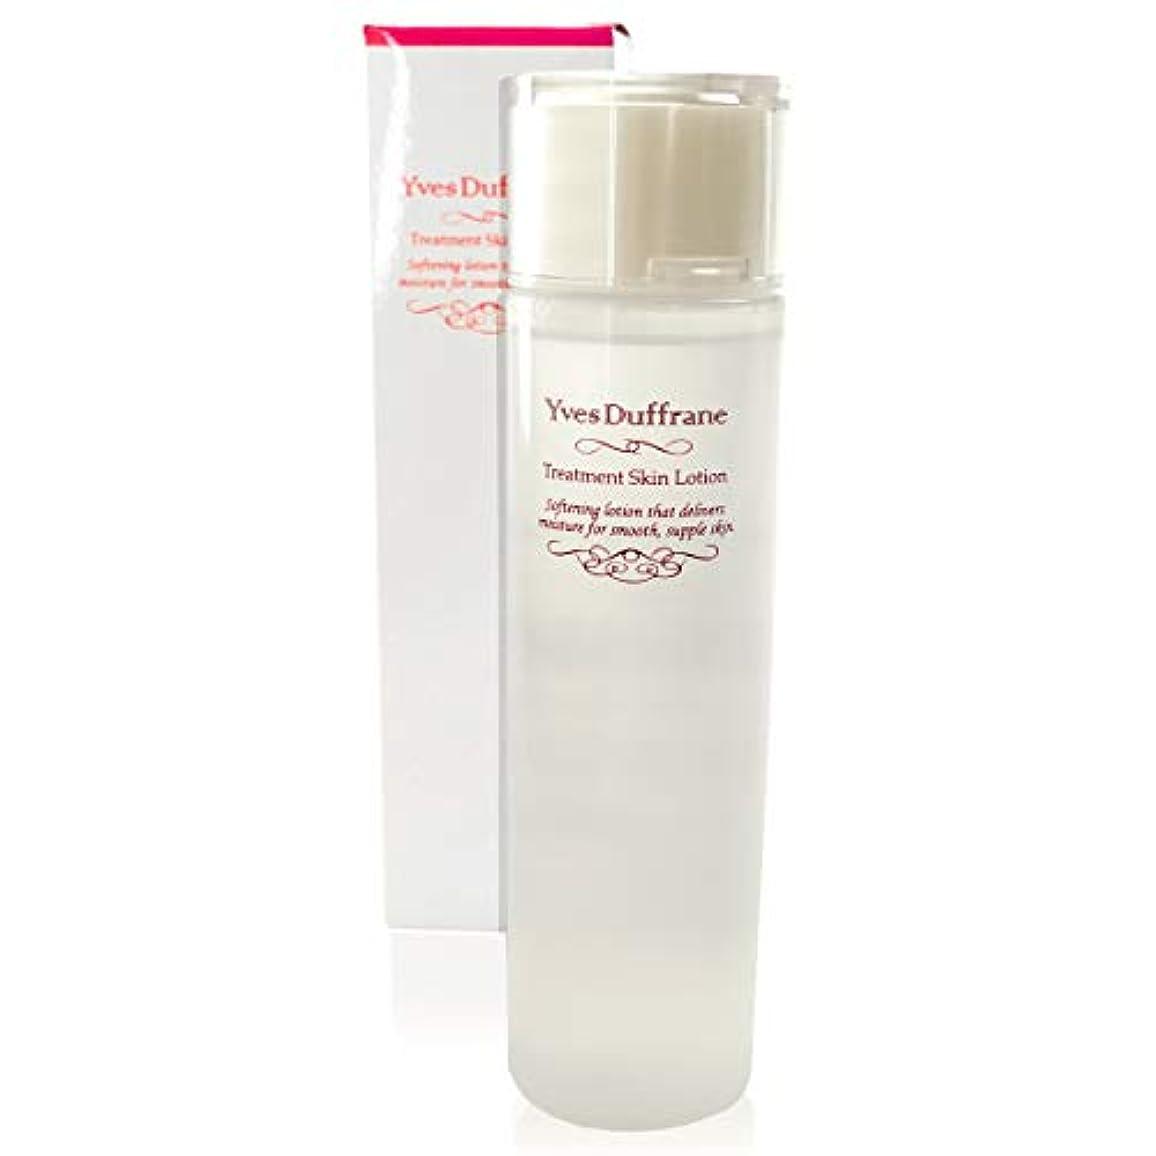 グローホイットニーバリー化粧水/セラミド アミノ酸/人気 敏感肌 保湿 おすすめ [トリートメントスキンローション]